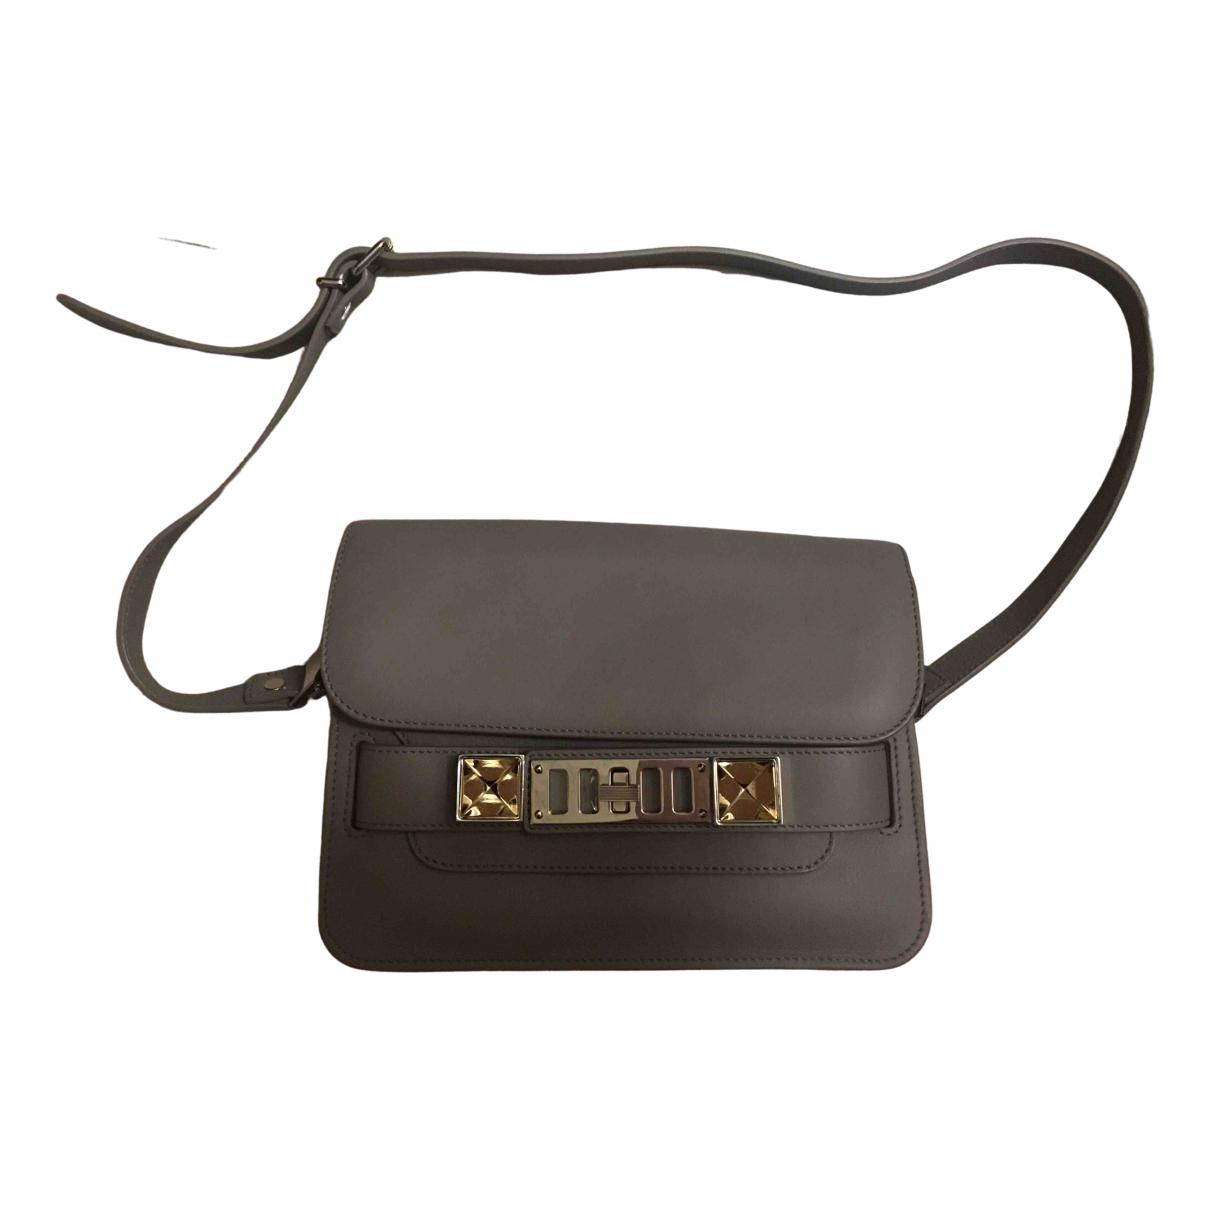 Proenza Schouler PS11 Handtasche in  Beige Leder